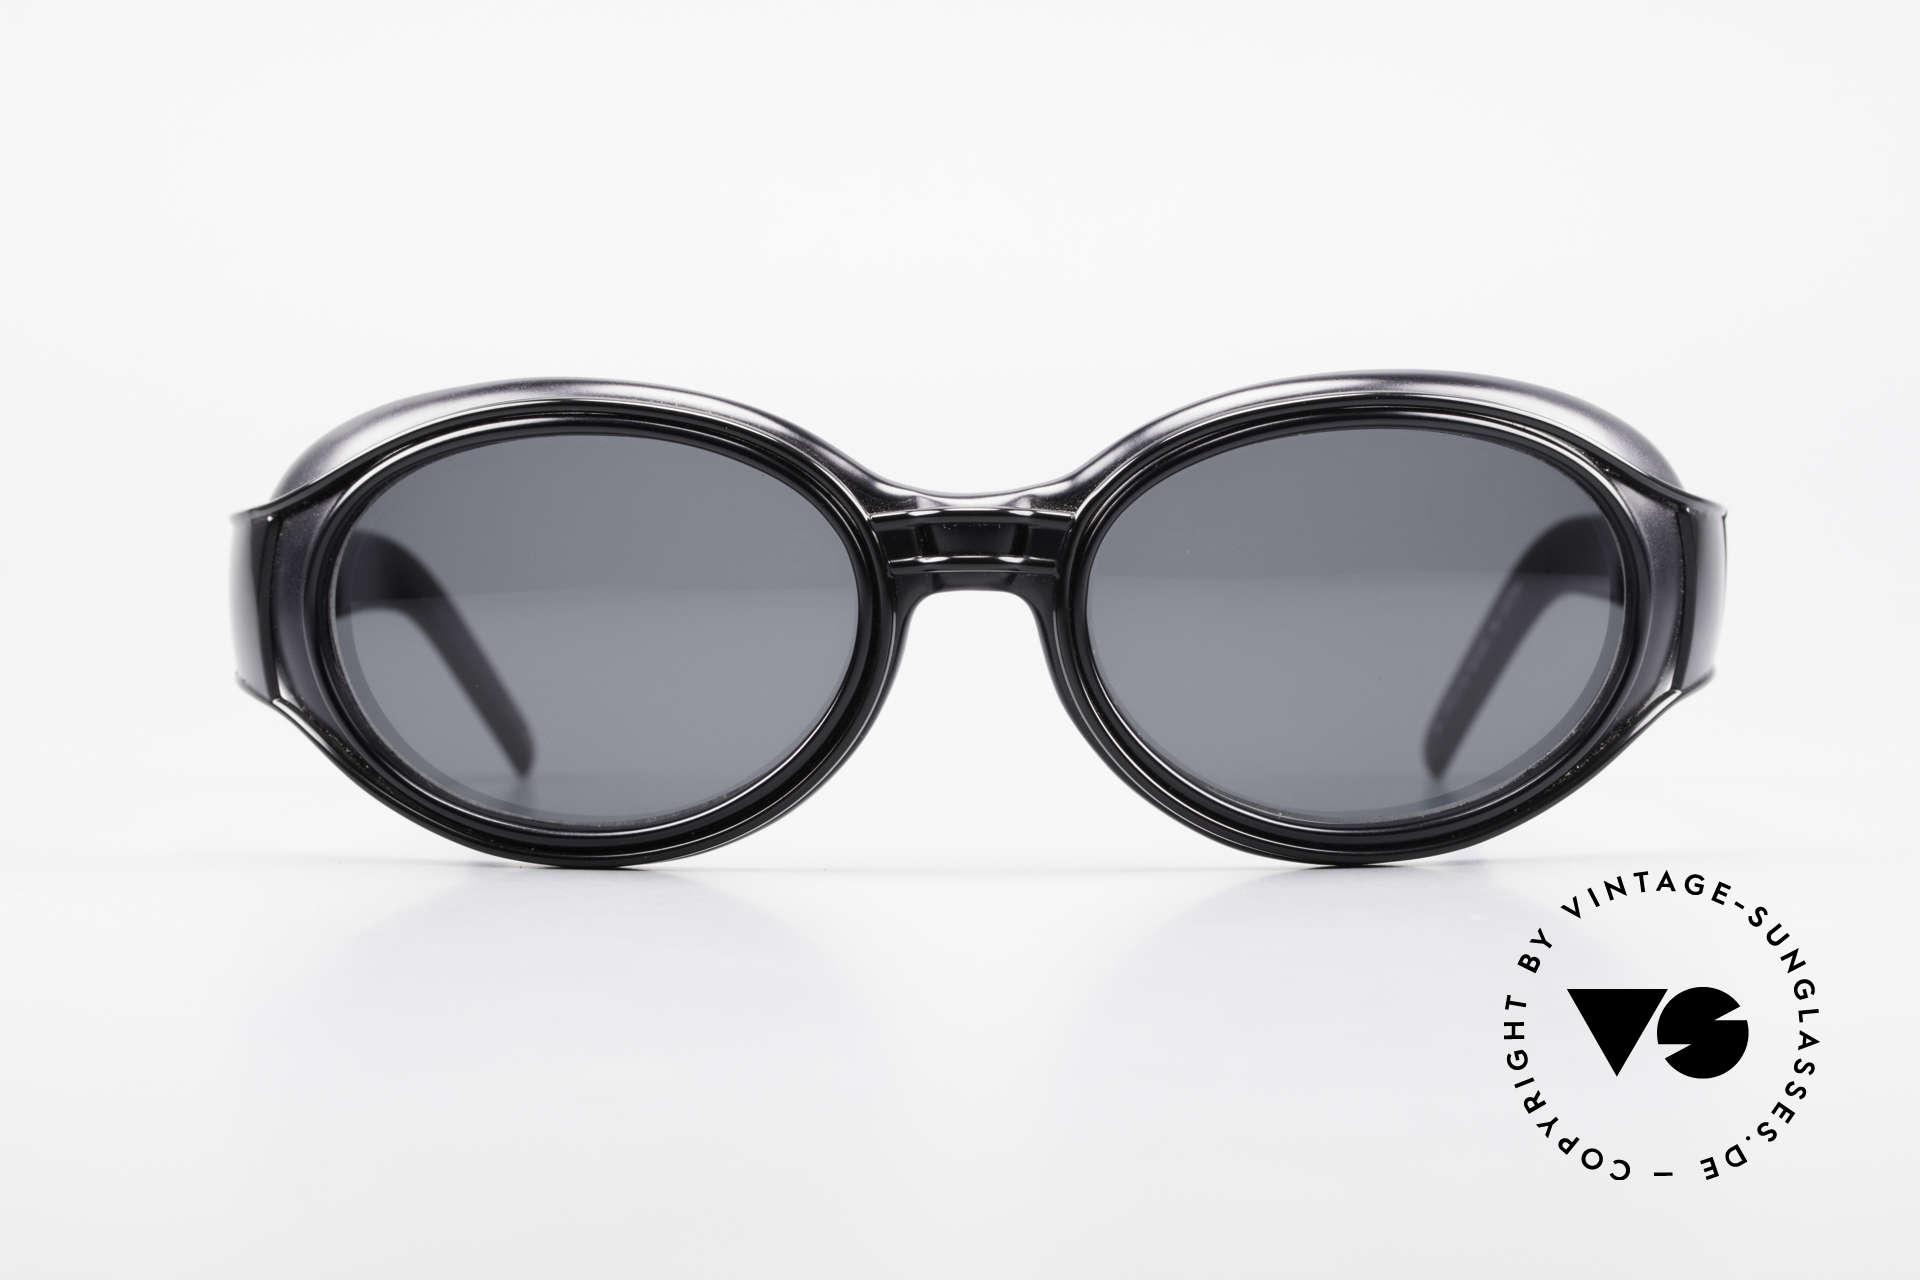 Yohji Yamamoto 52-6202 Sportliche XL Sonnenbrille, 'Industrial' Rahmenkonstruktion; STEAMPUNK STIL, Passend für Herren und Damen